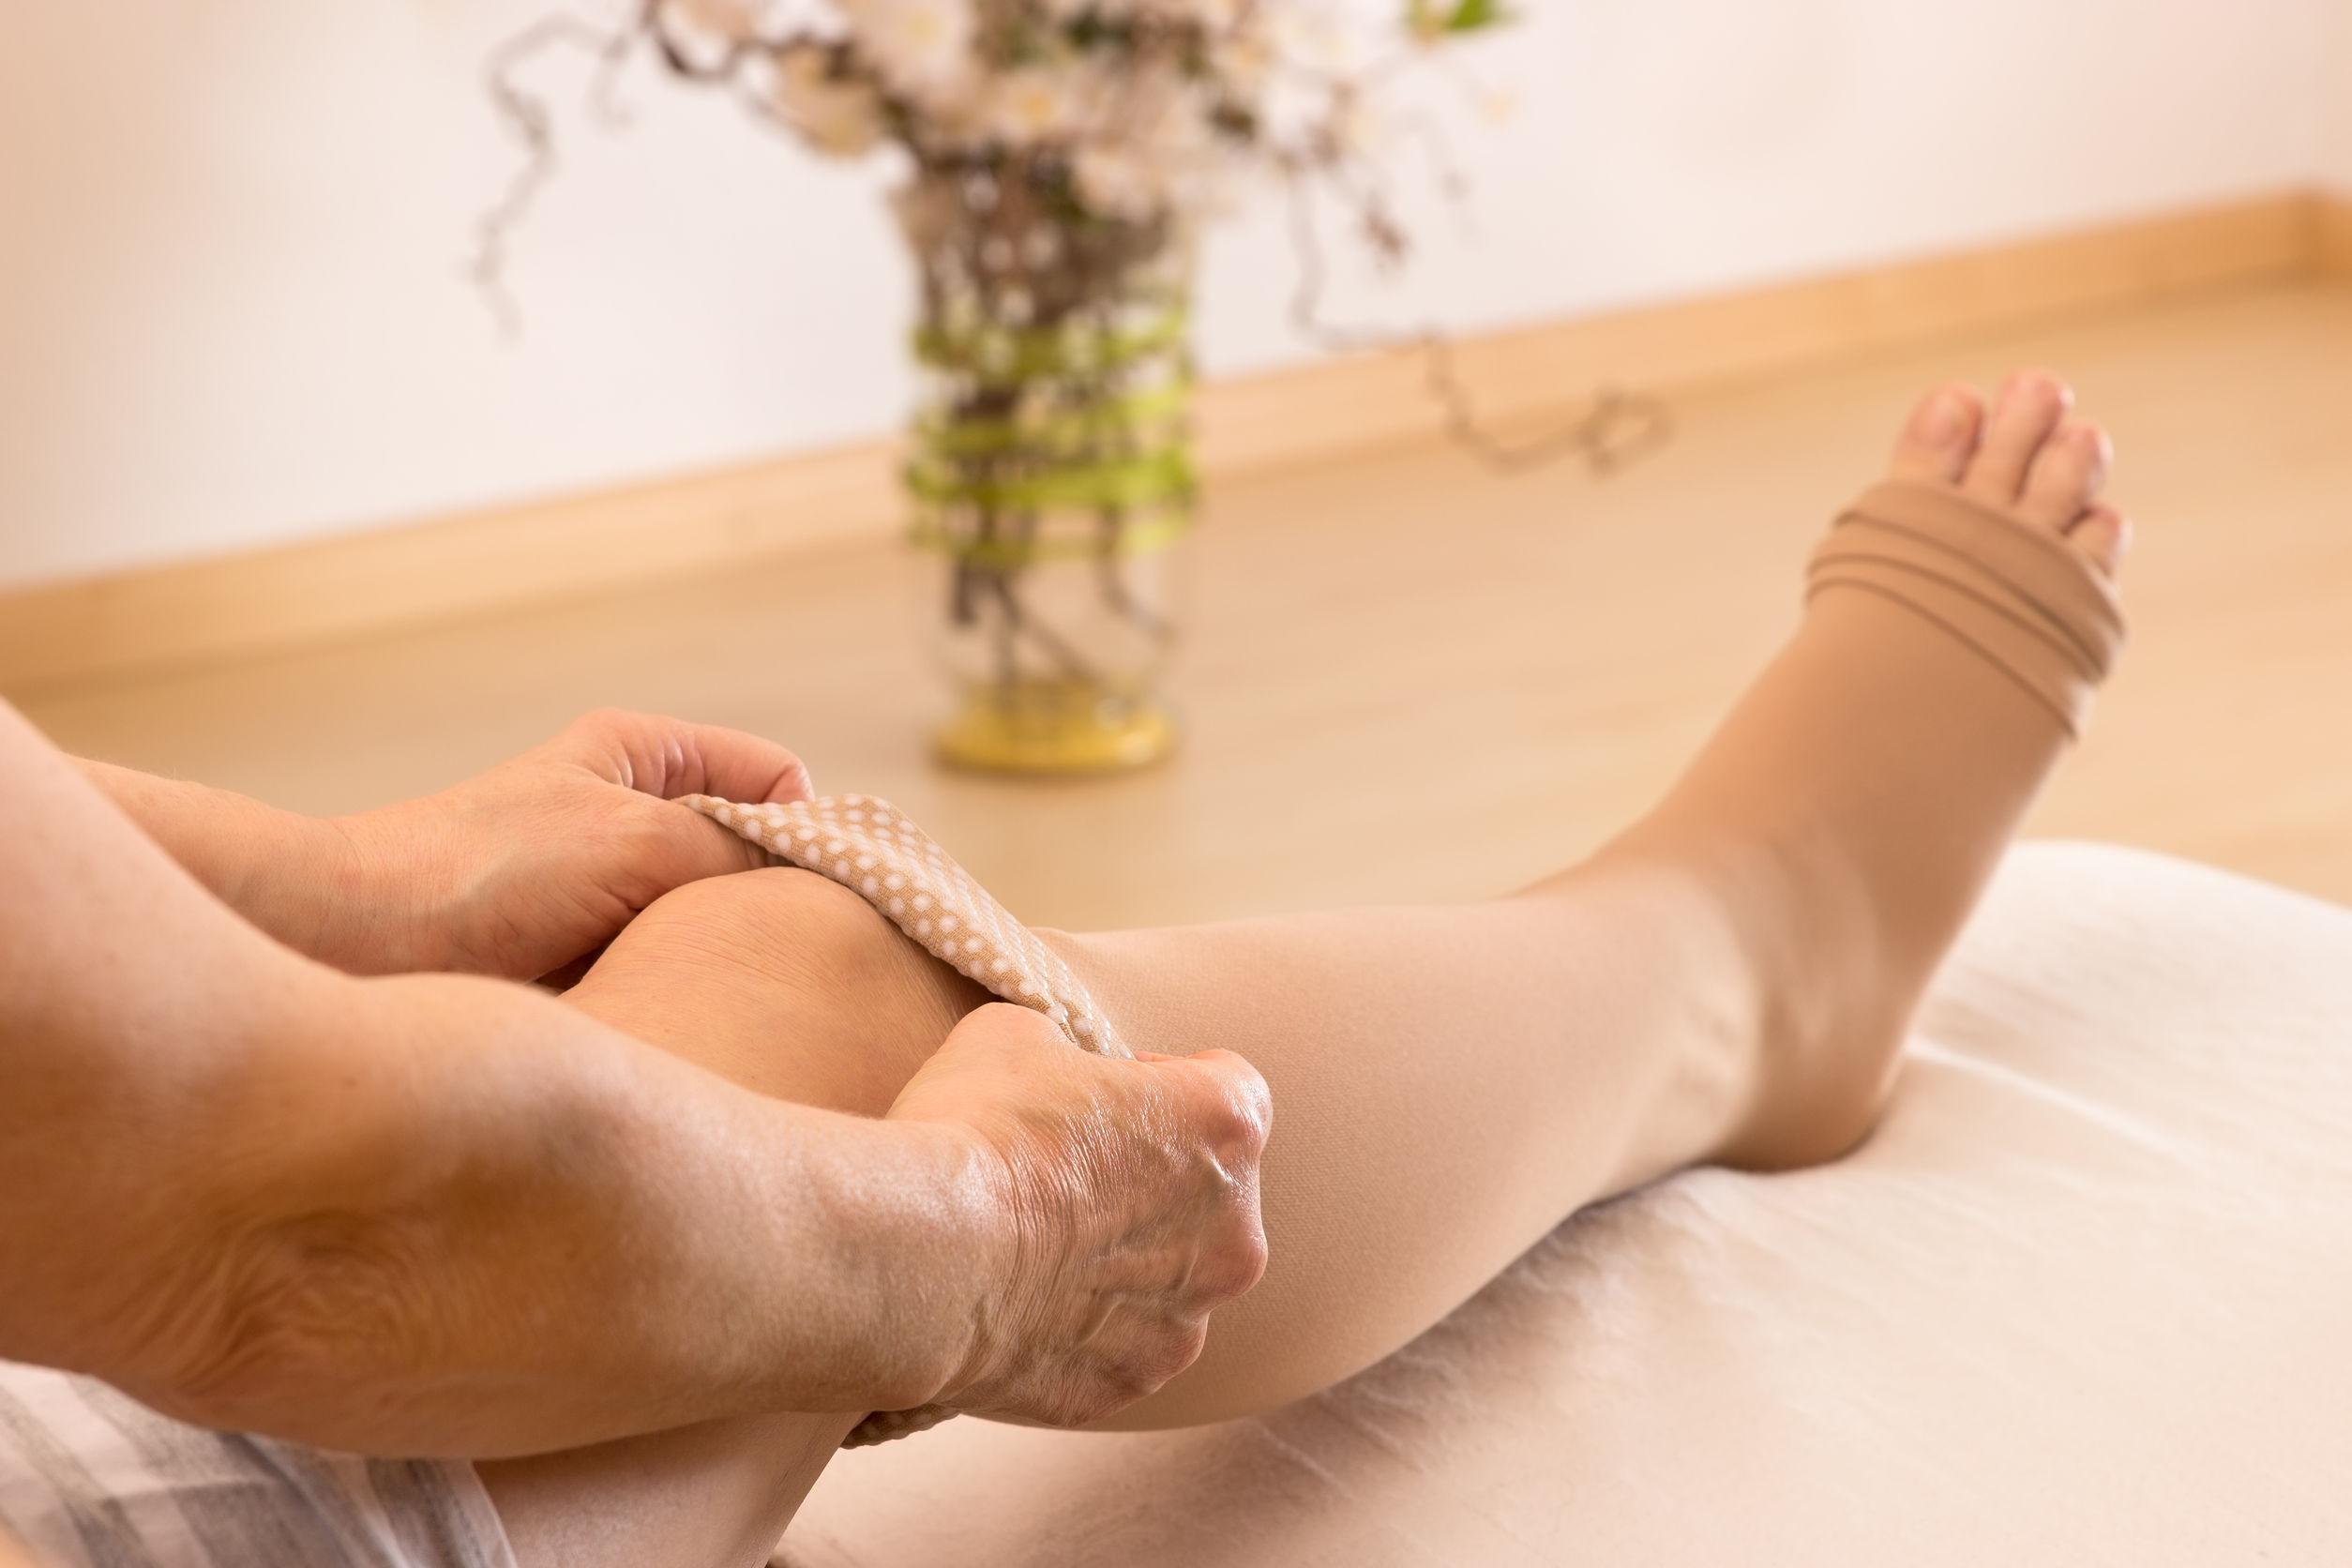 hol lehet kompressziós lábszárvédőt vásárolni visszér ellen